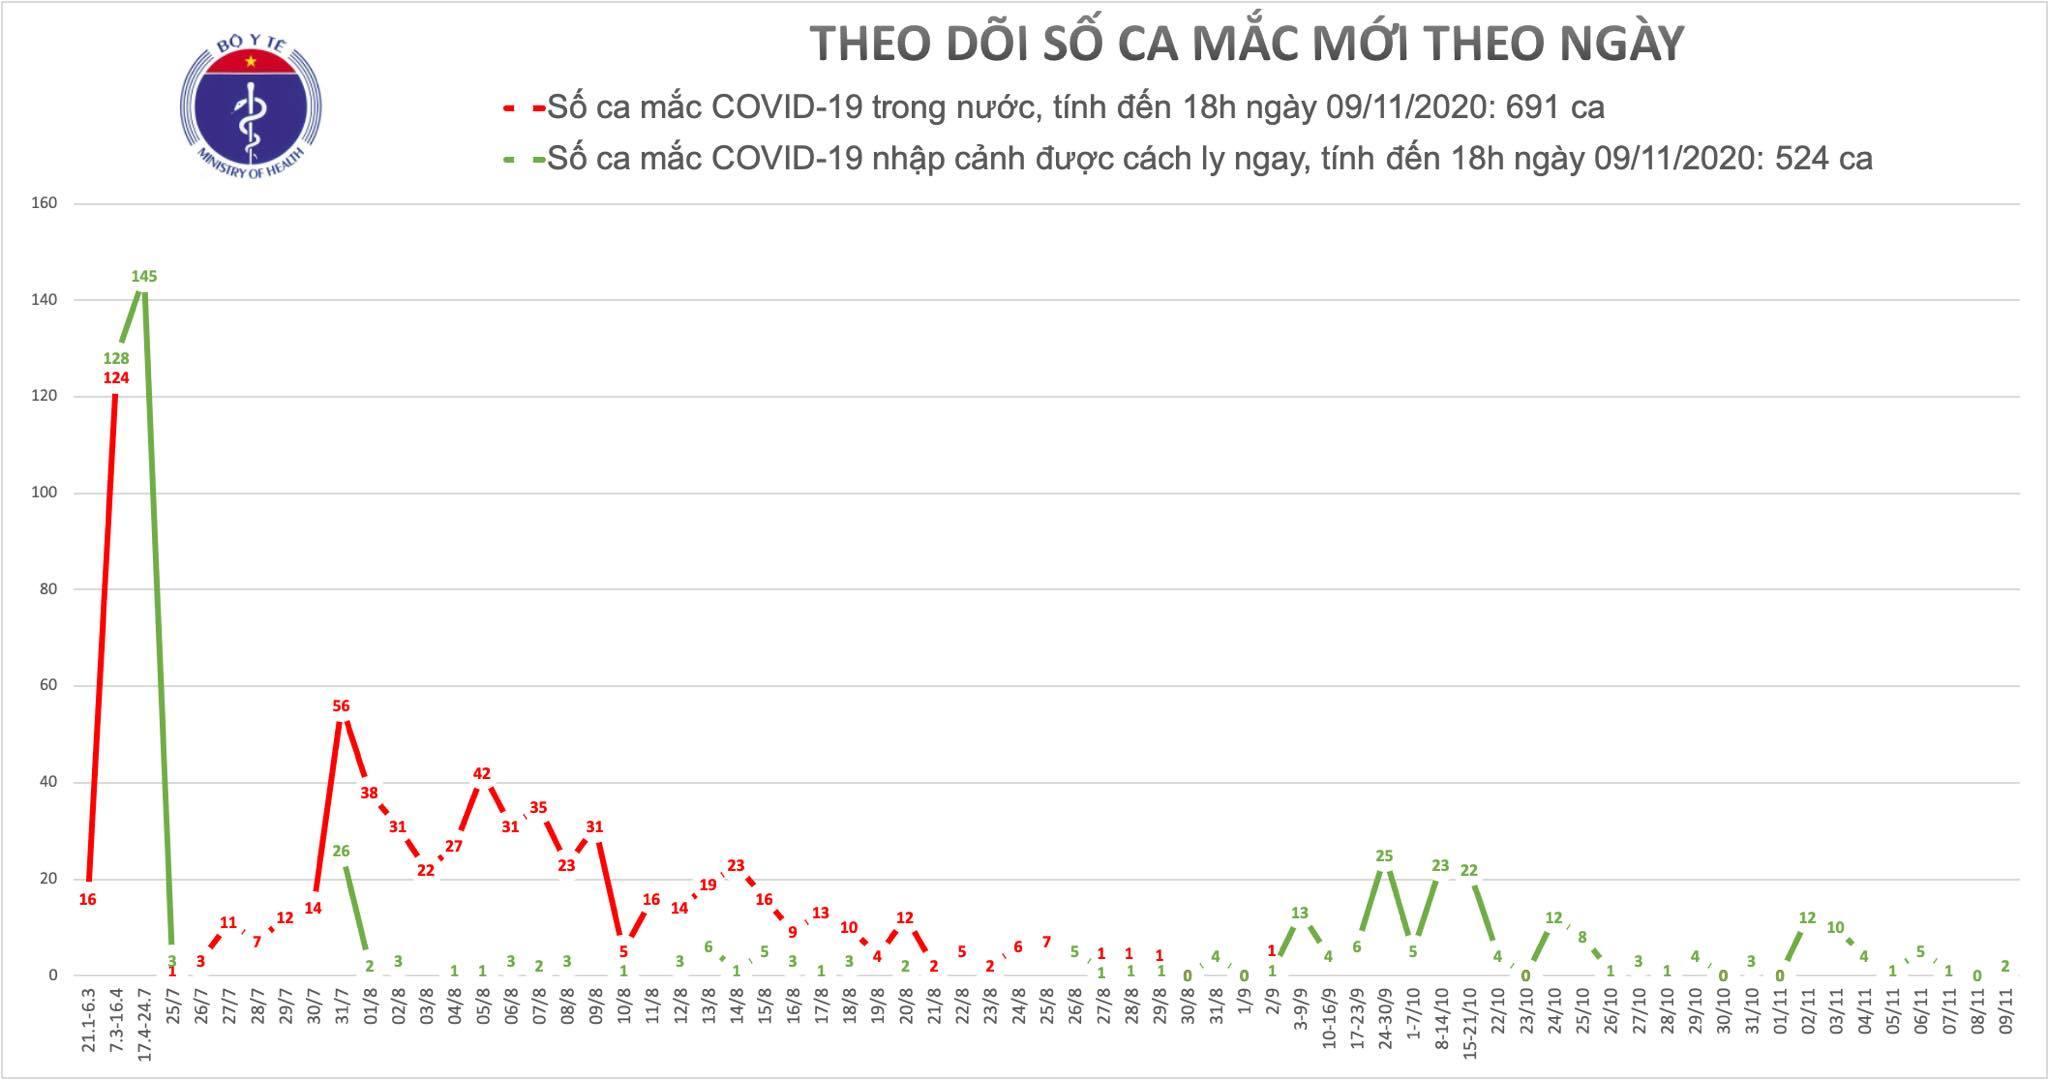 2 thanh niên mắc Covid-19, Việt Nam đã có 1215 ca